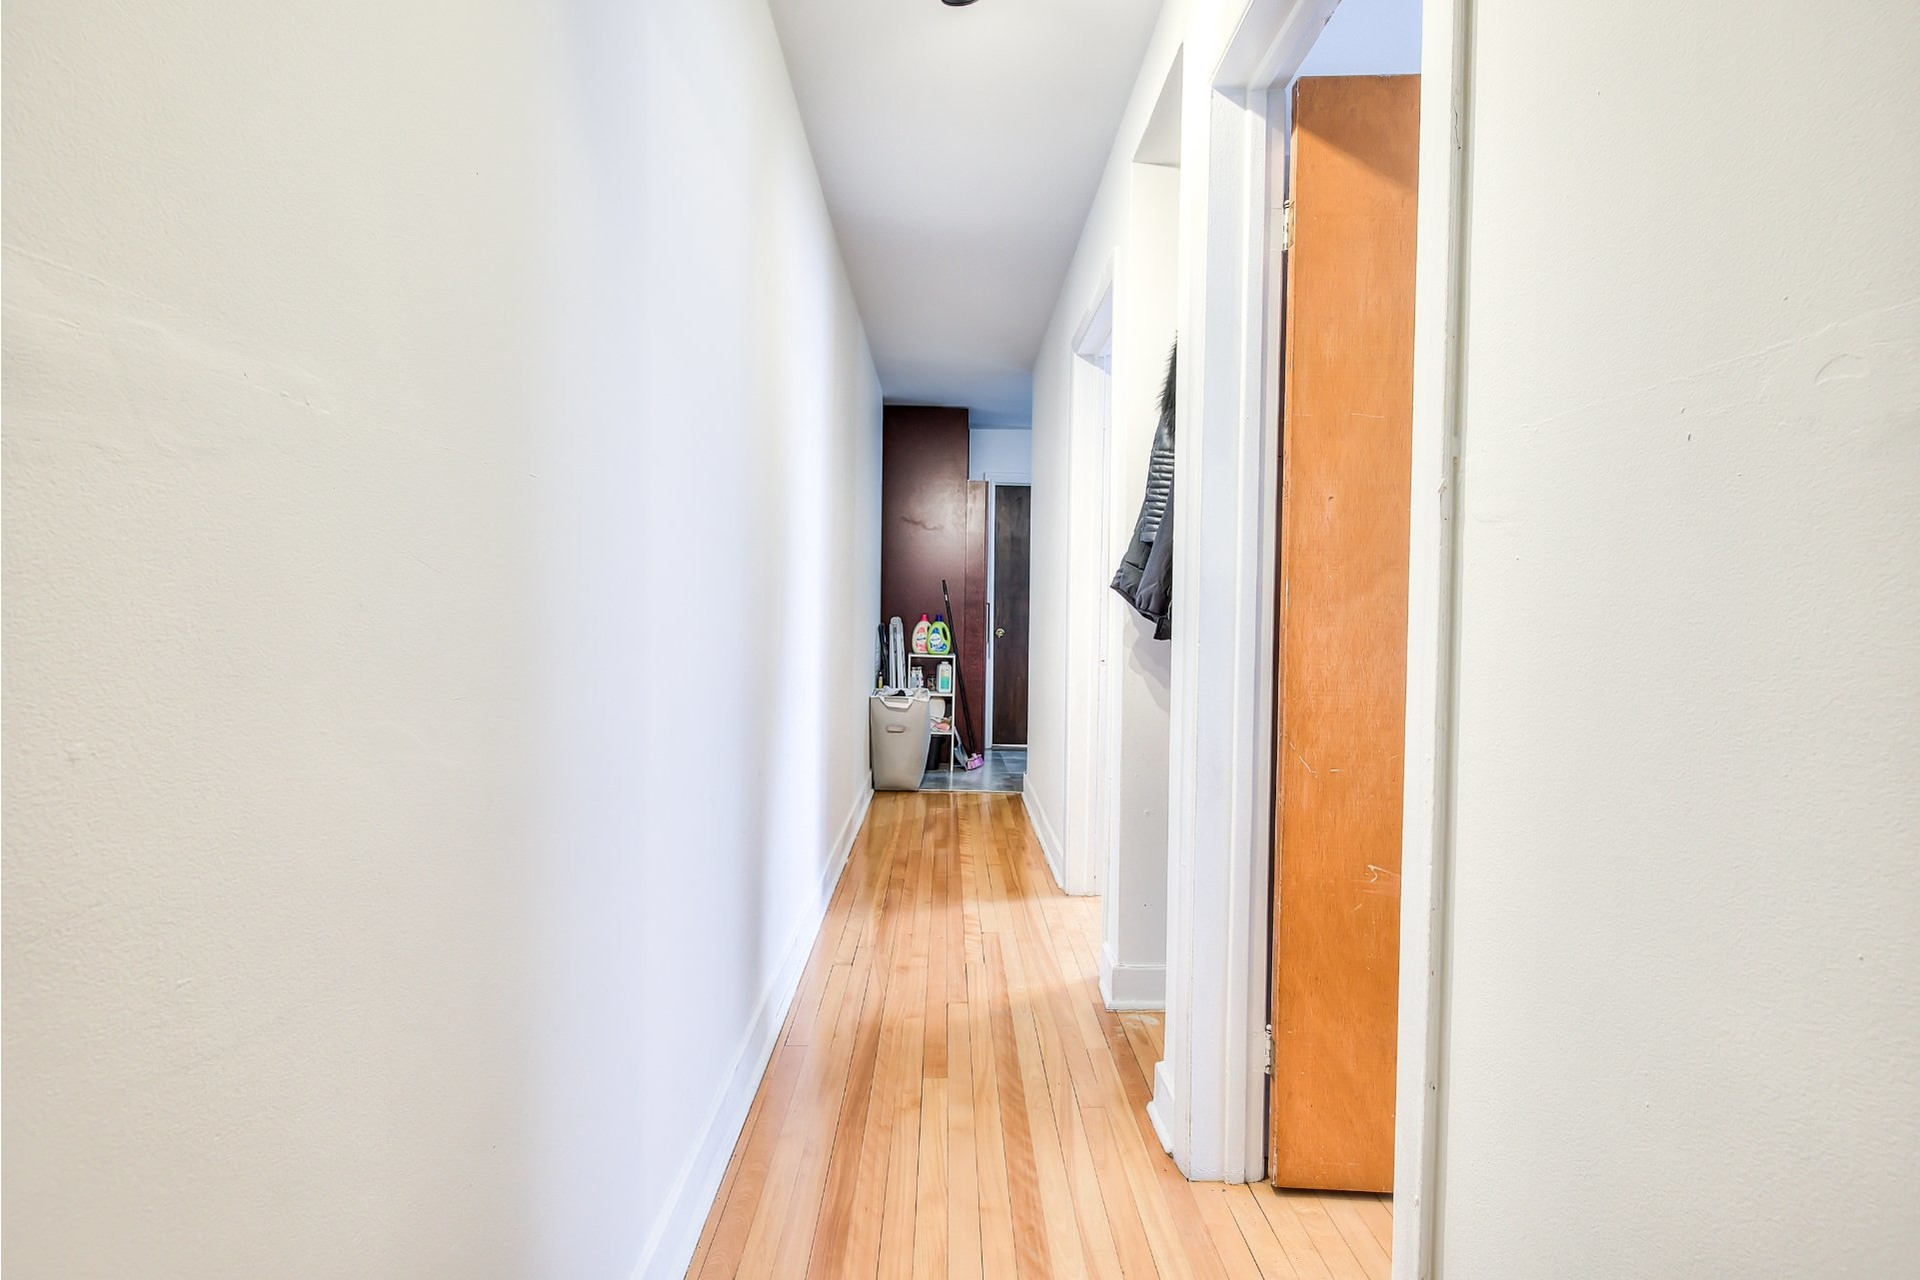 image 10 - Income property For sale Villeray/Saint-Michel/Parc-Extension Montréal  - 4 rooms